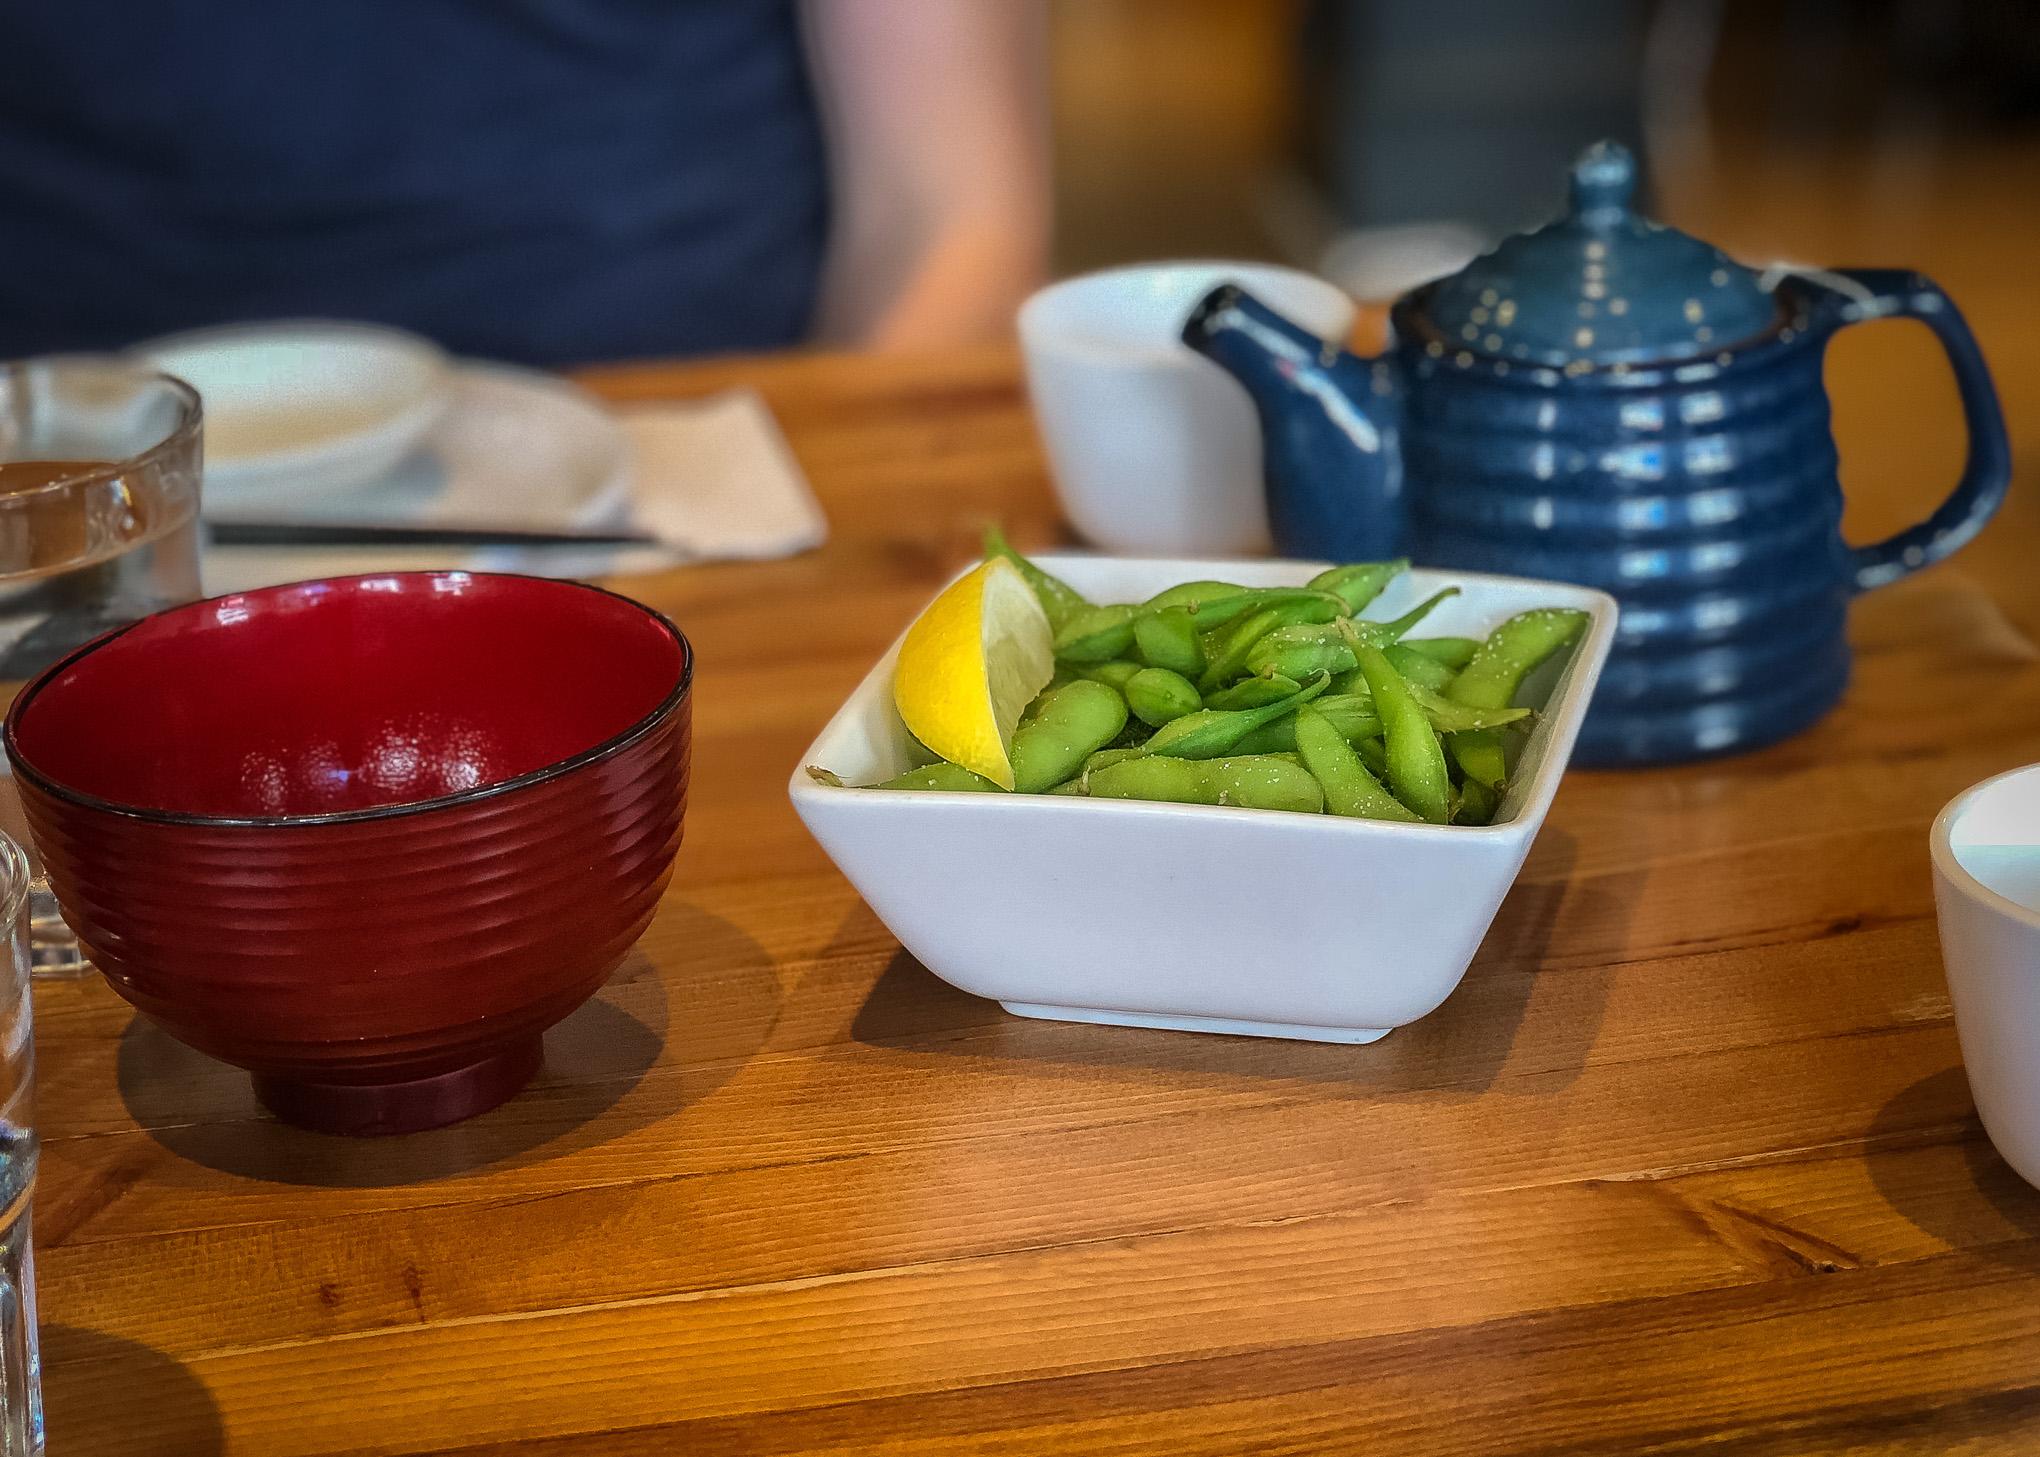 White bowl of edamame pods